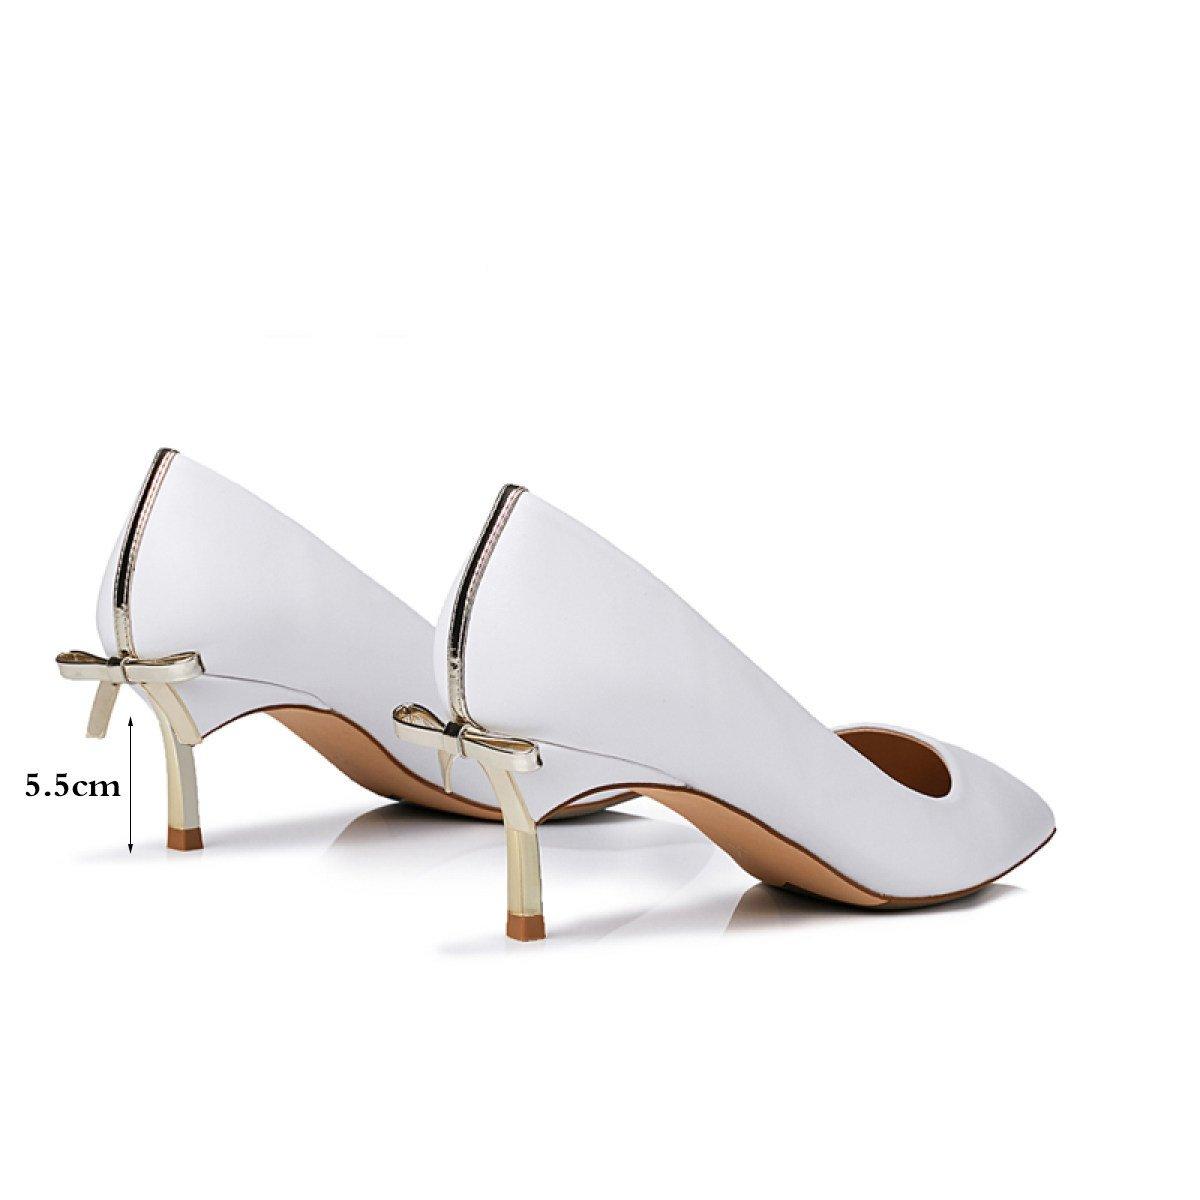 Scarpe Corte Da Donna Scarpe Scarpe Donna Punta A Punta Bianca Tacchi Alti Piattaforma A Stiletto Archi Scarpe In Pelle White5.5cm) 0ad430